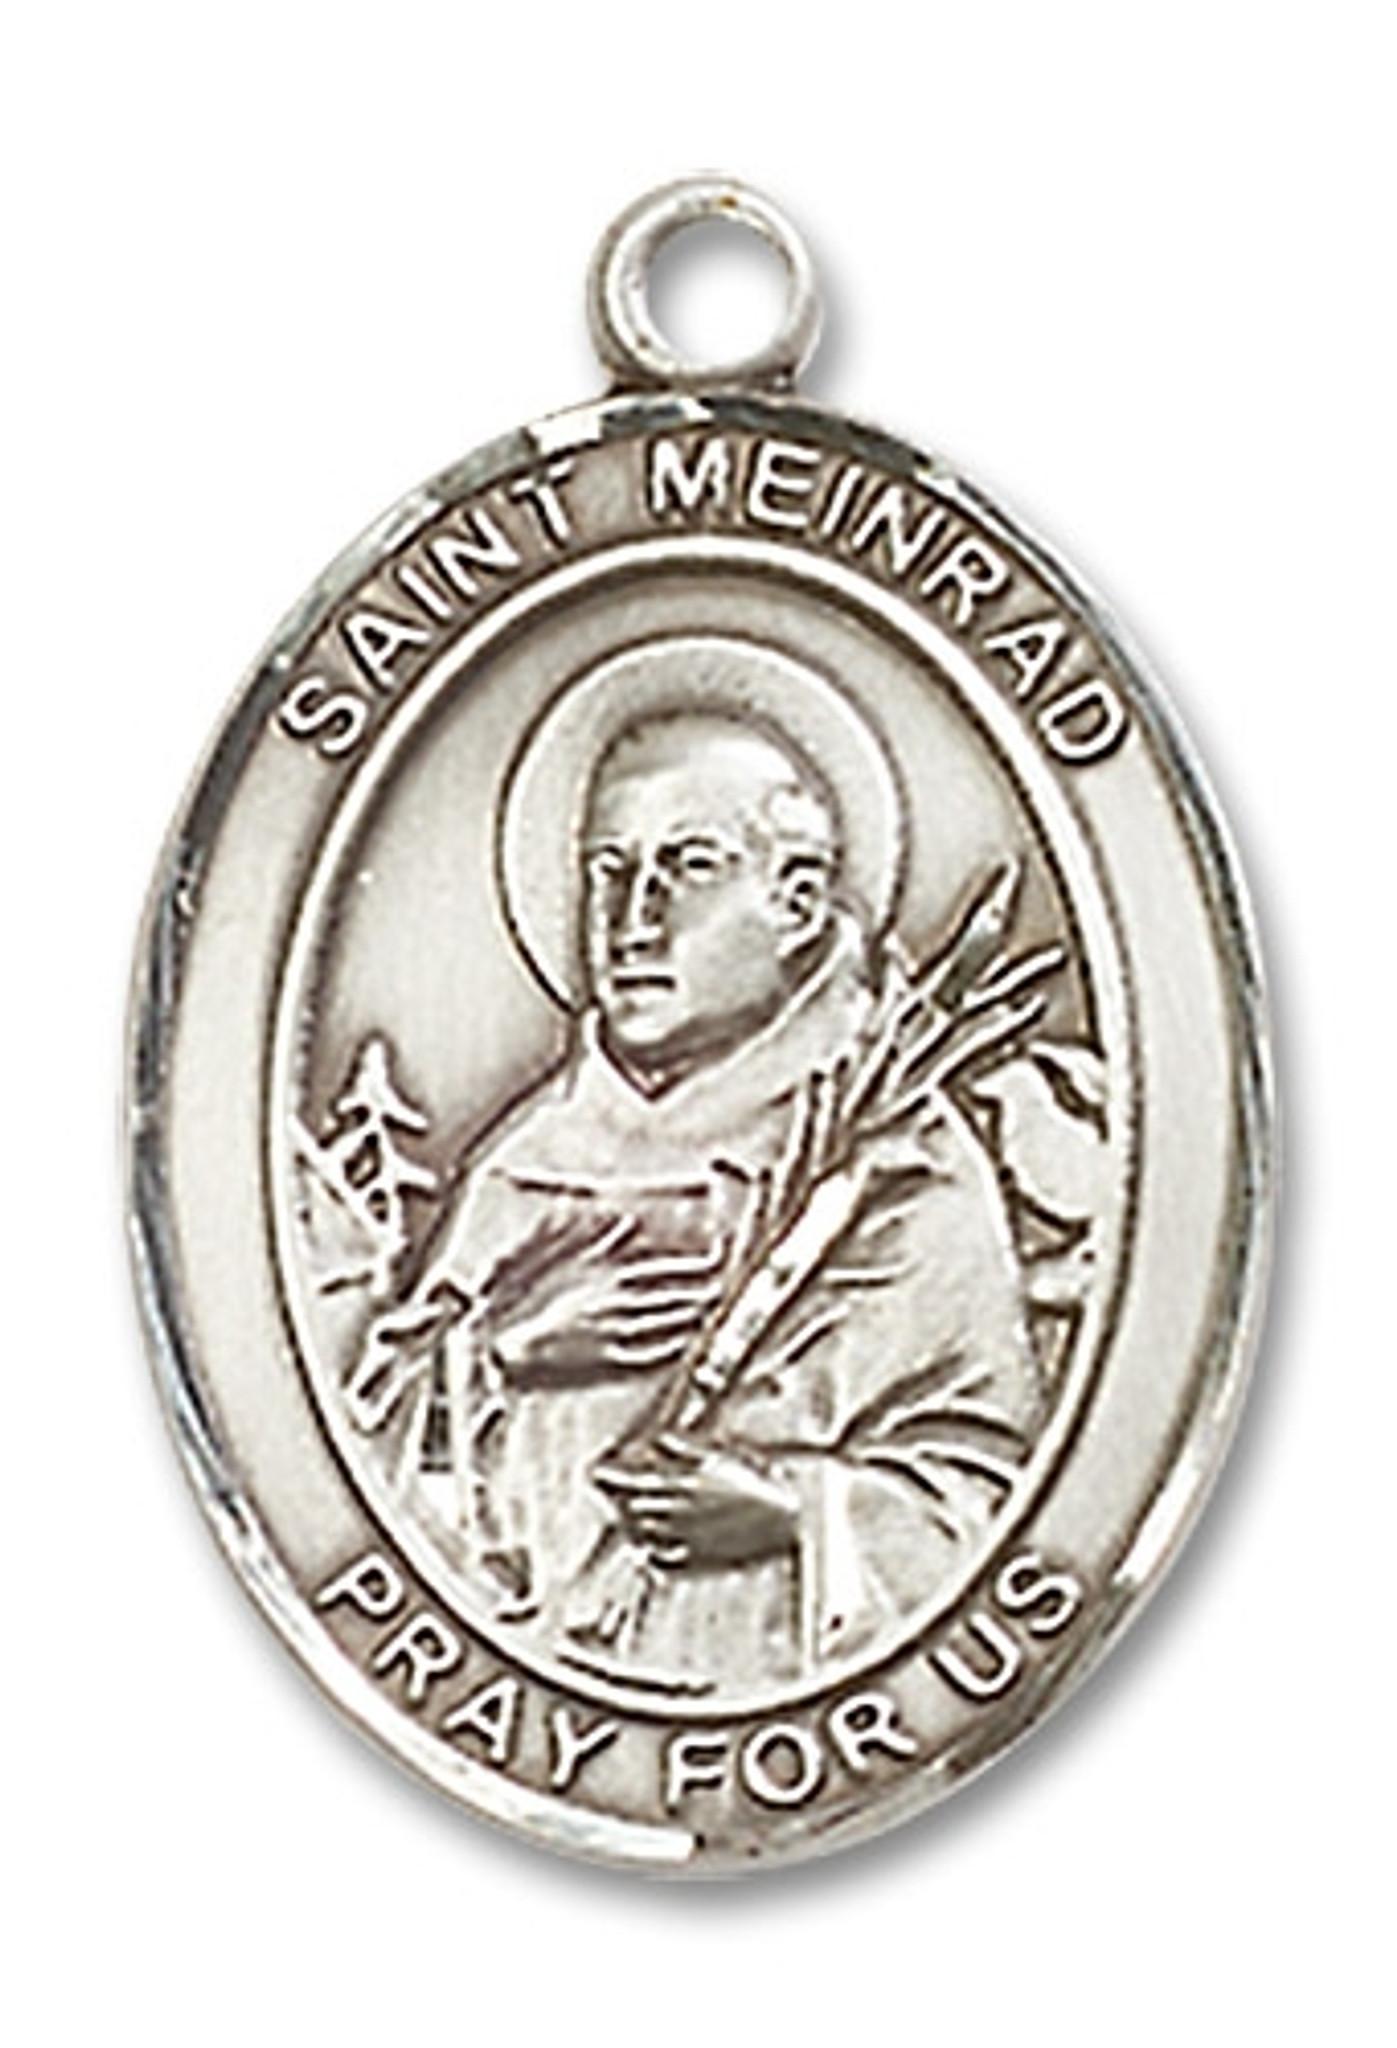 Meinrad of Einsiedeln